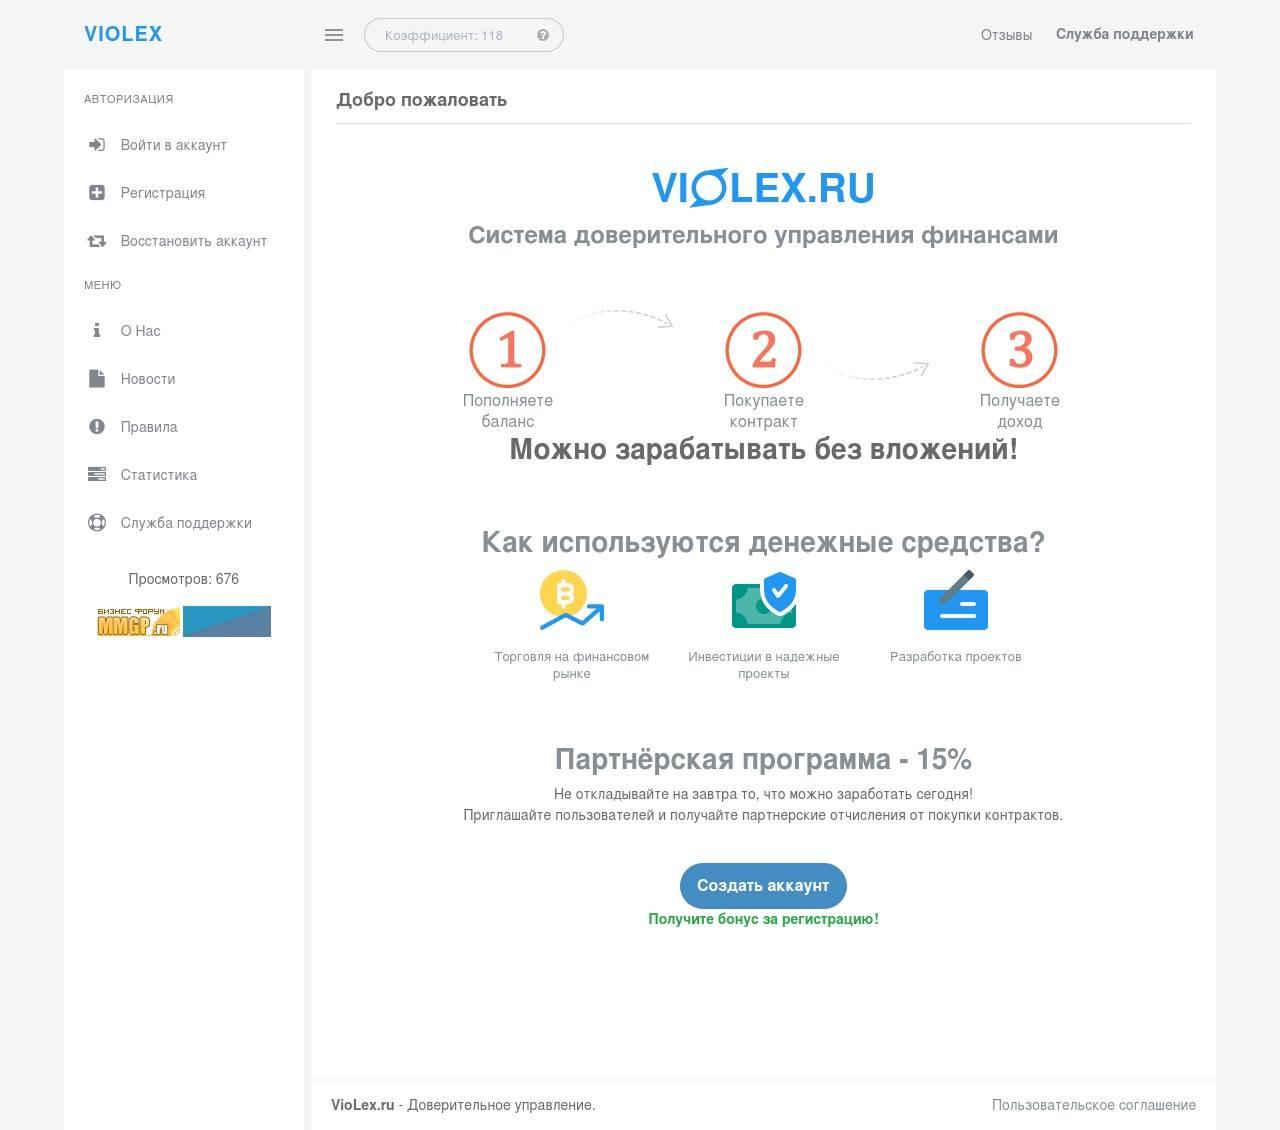 Скрипт проекта violex